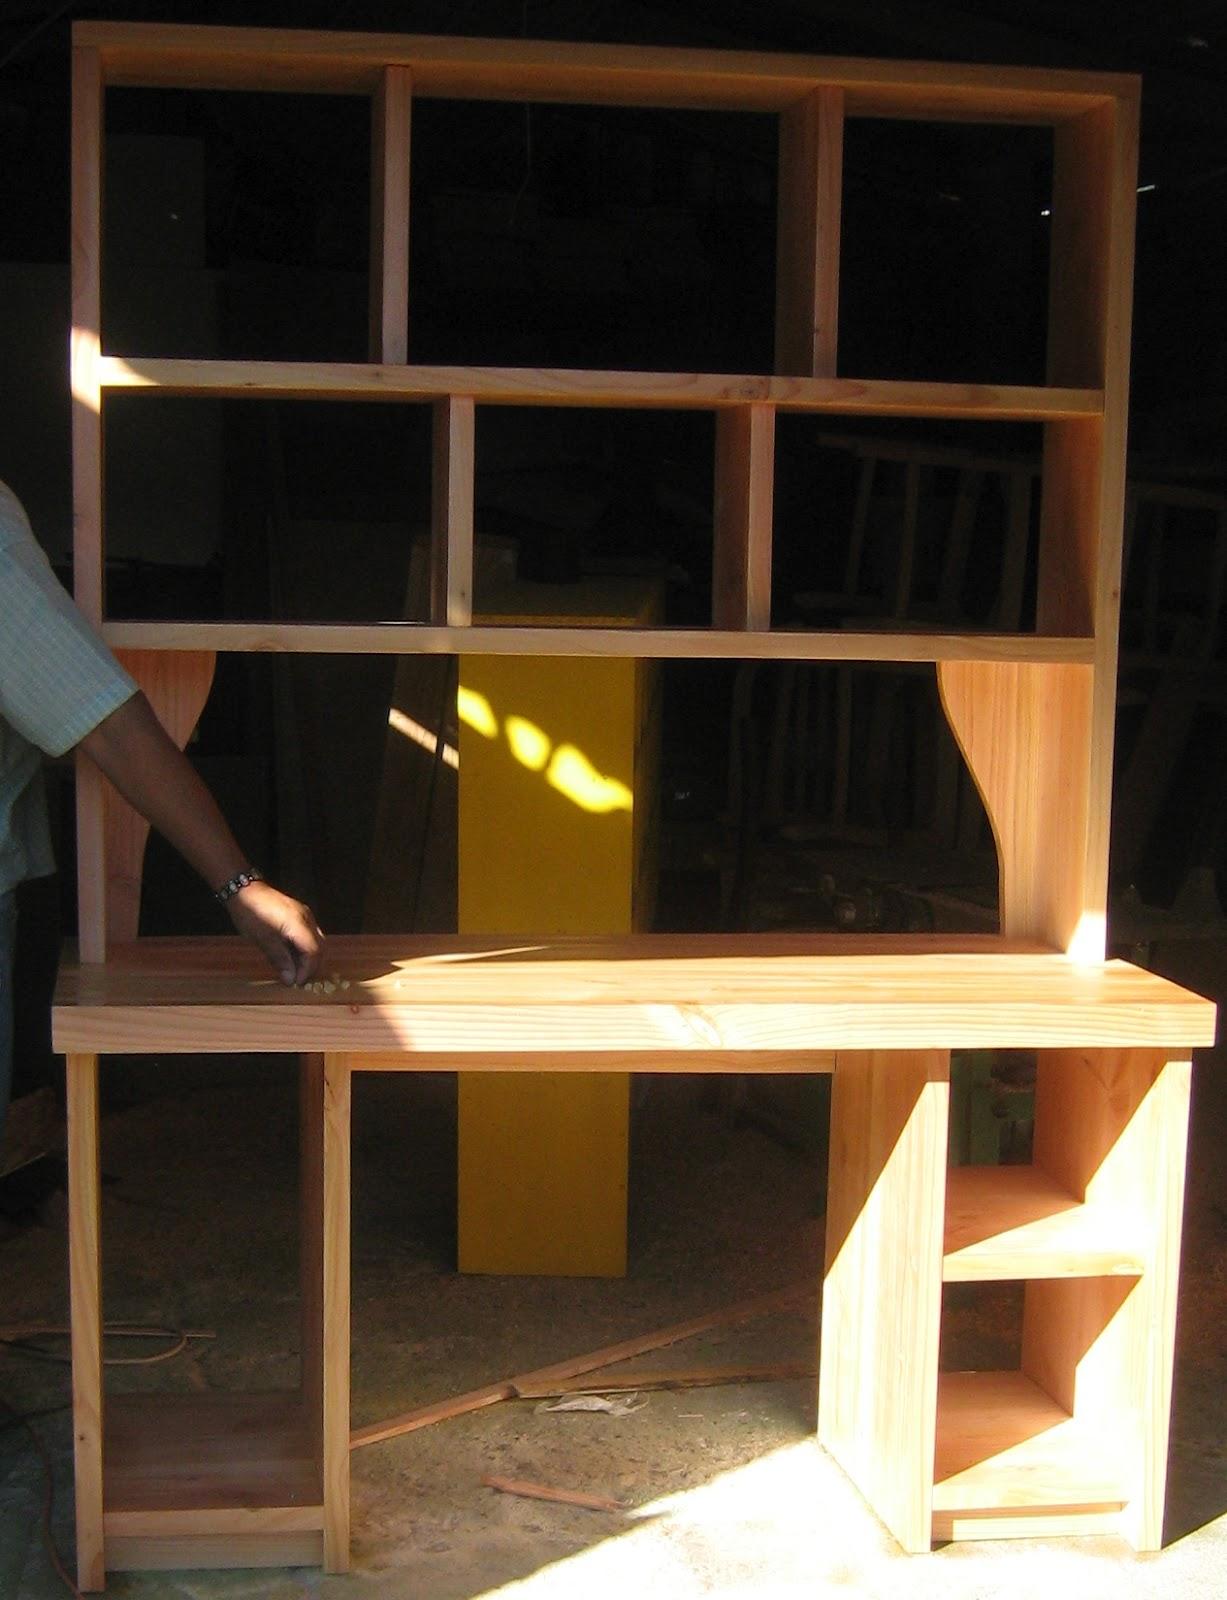 Mueble tipo escritorio fabricaci n de muebles puertas y for Mueble de 5 repisas